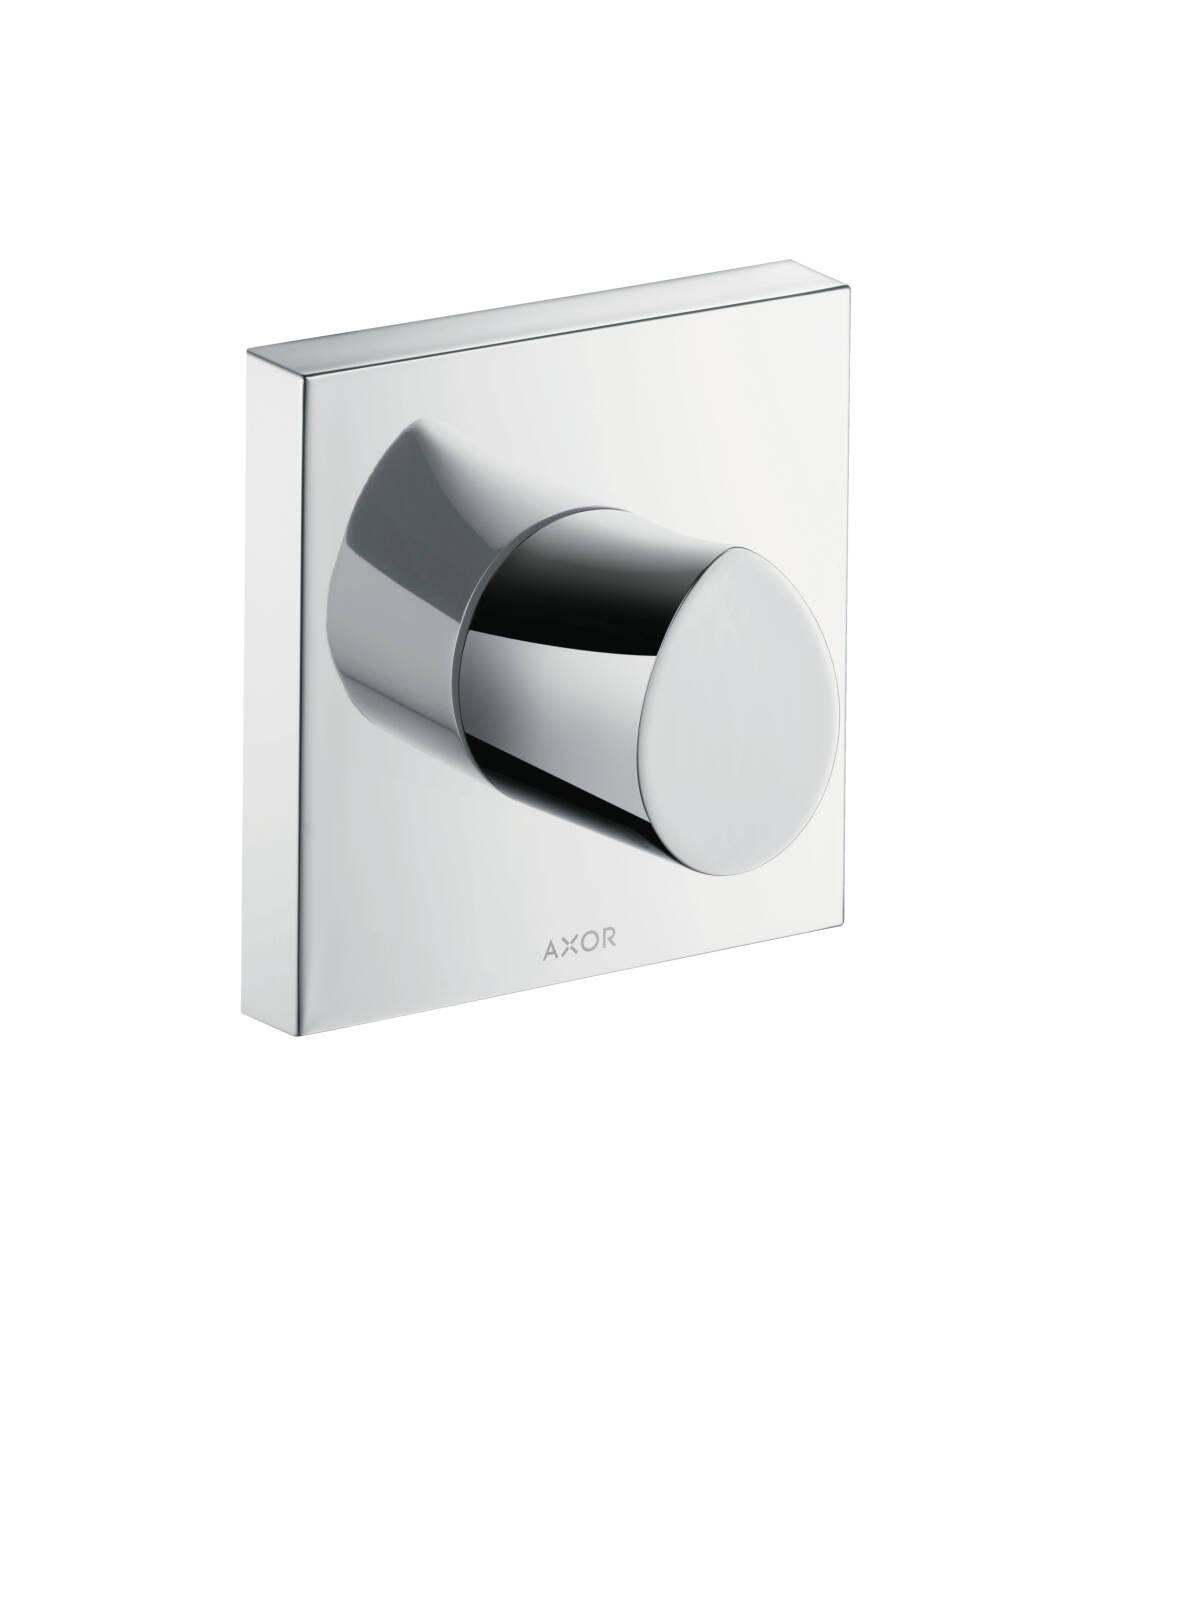 Shut-off valve 120/120 for concealed installation, Brushed Black Chrome, 12771340